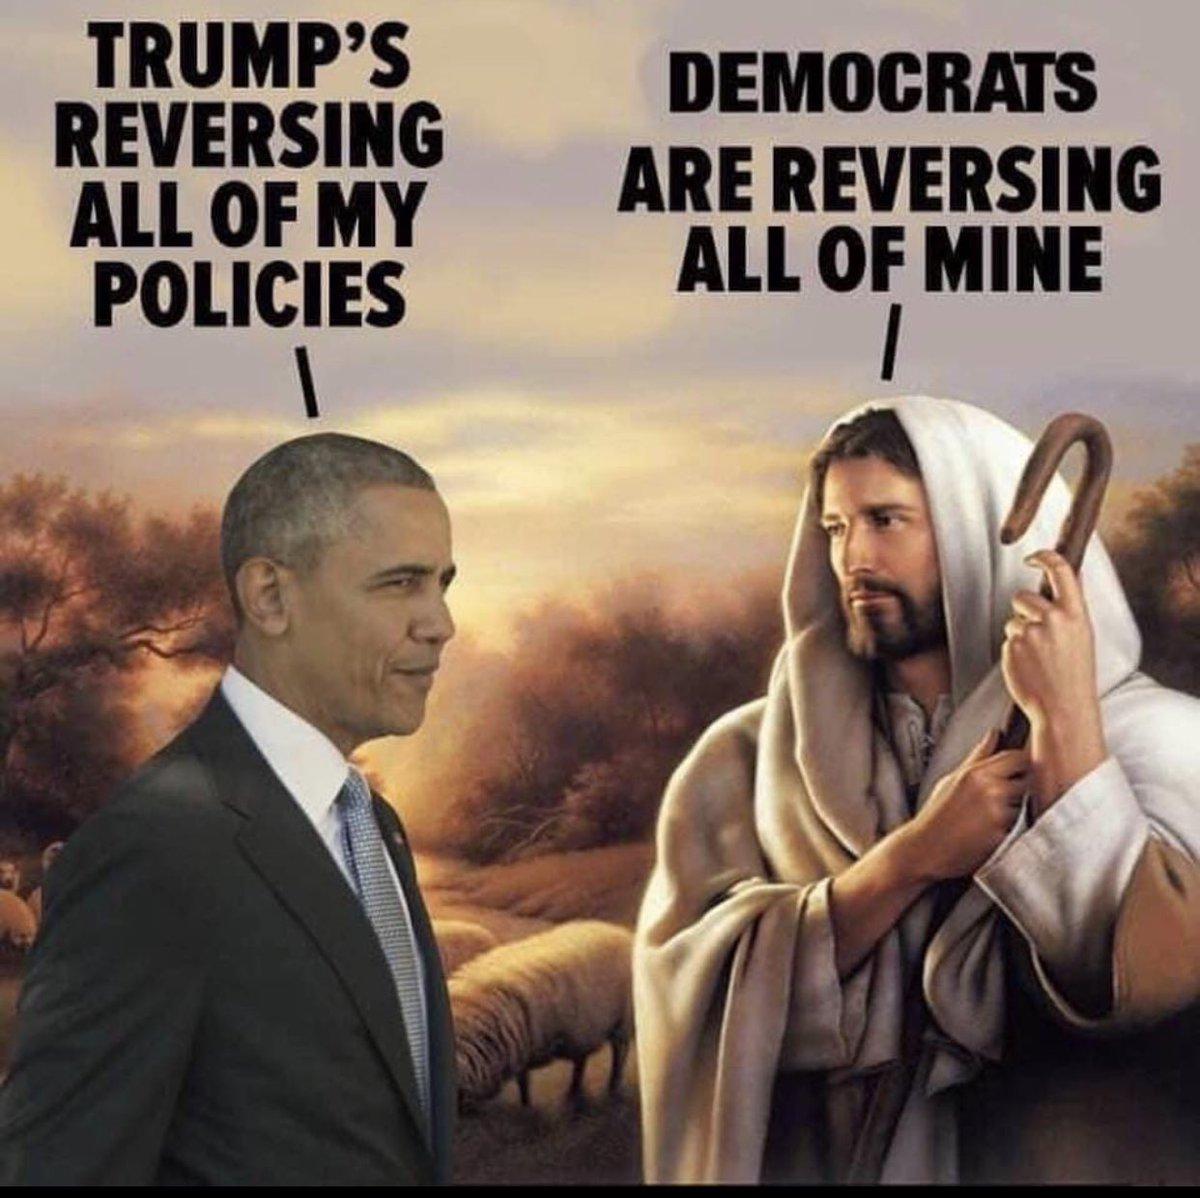 Truth! #MAGA #Democrats #Trump2020